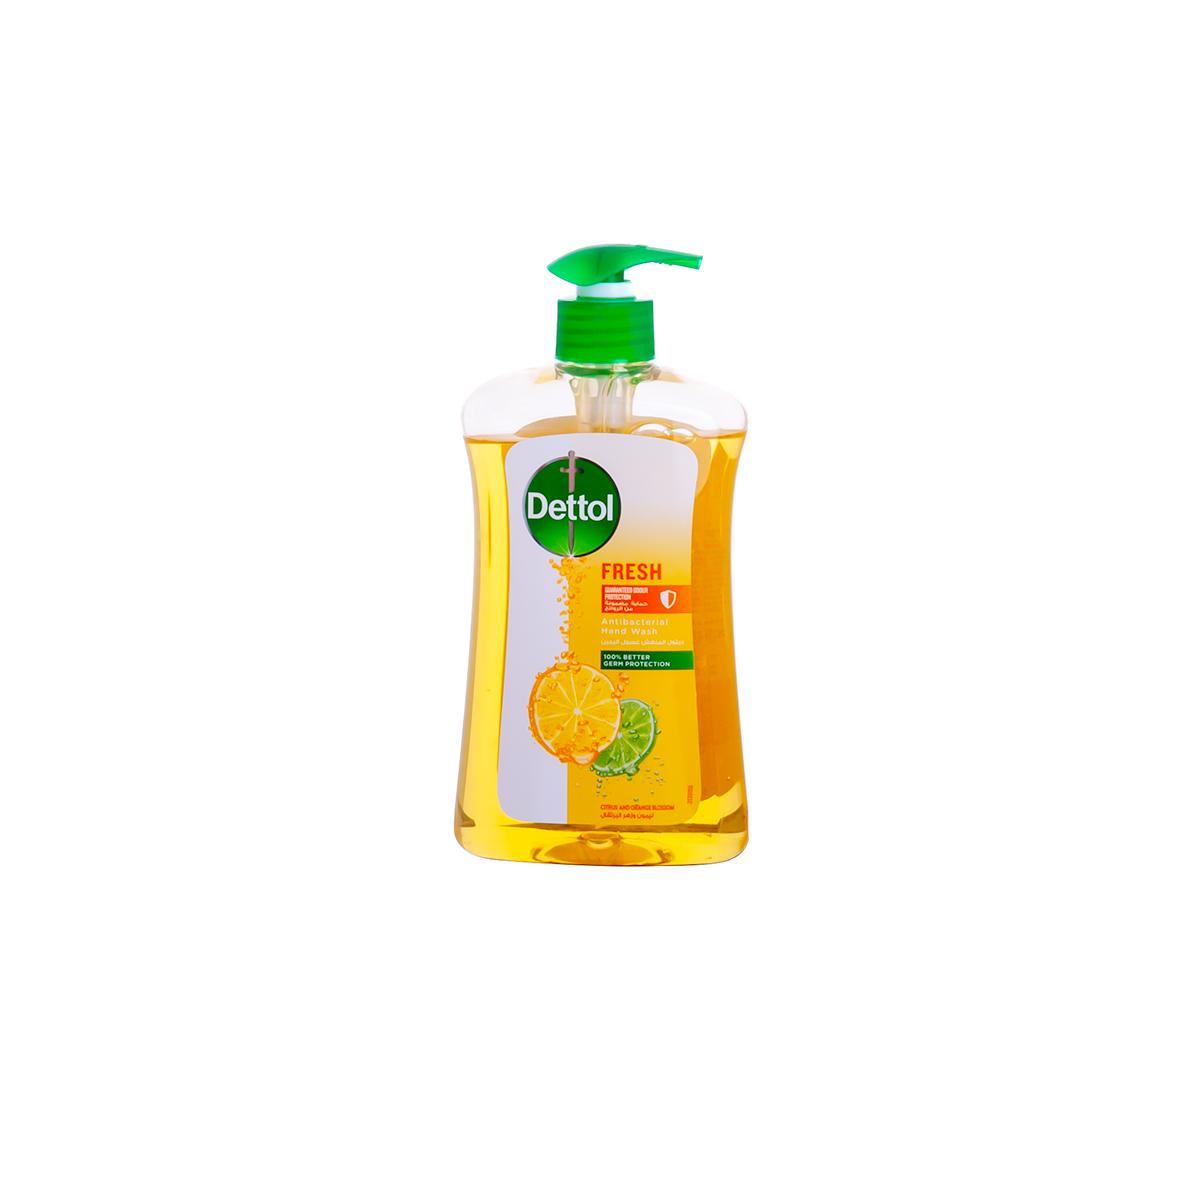 صابون سائل ديتول غسول اليدين المنعش ليمون وزهر البرتقال 400 مل